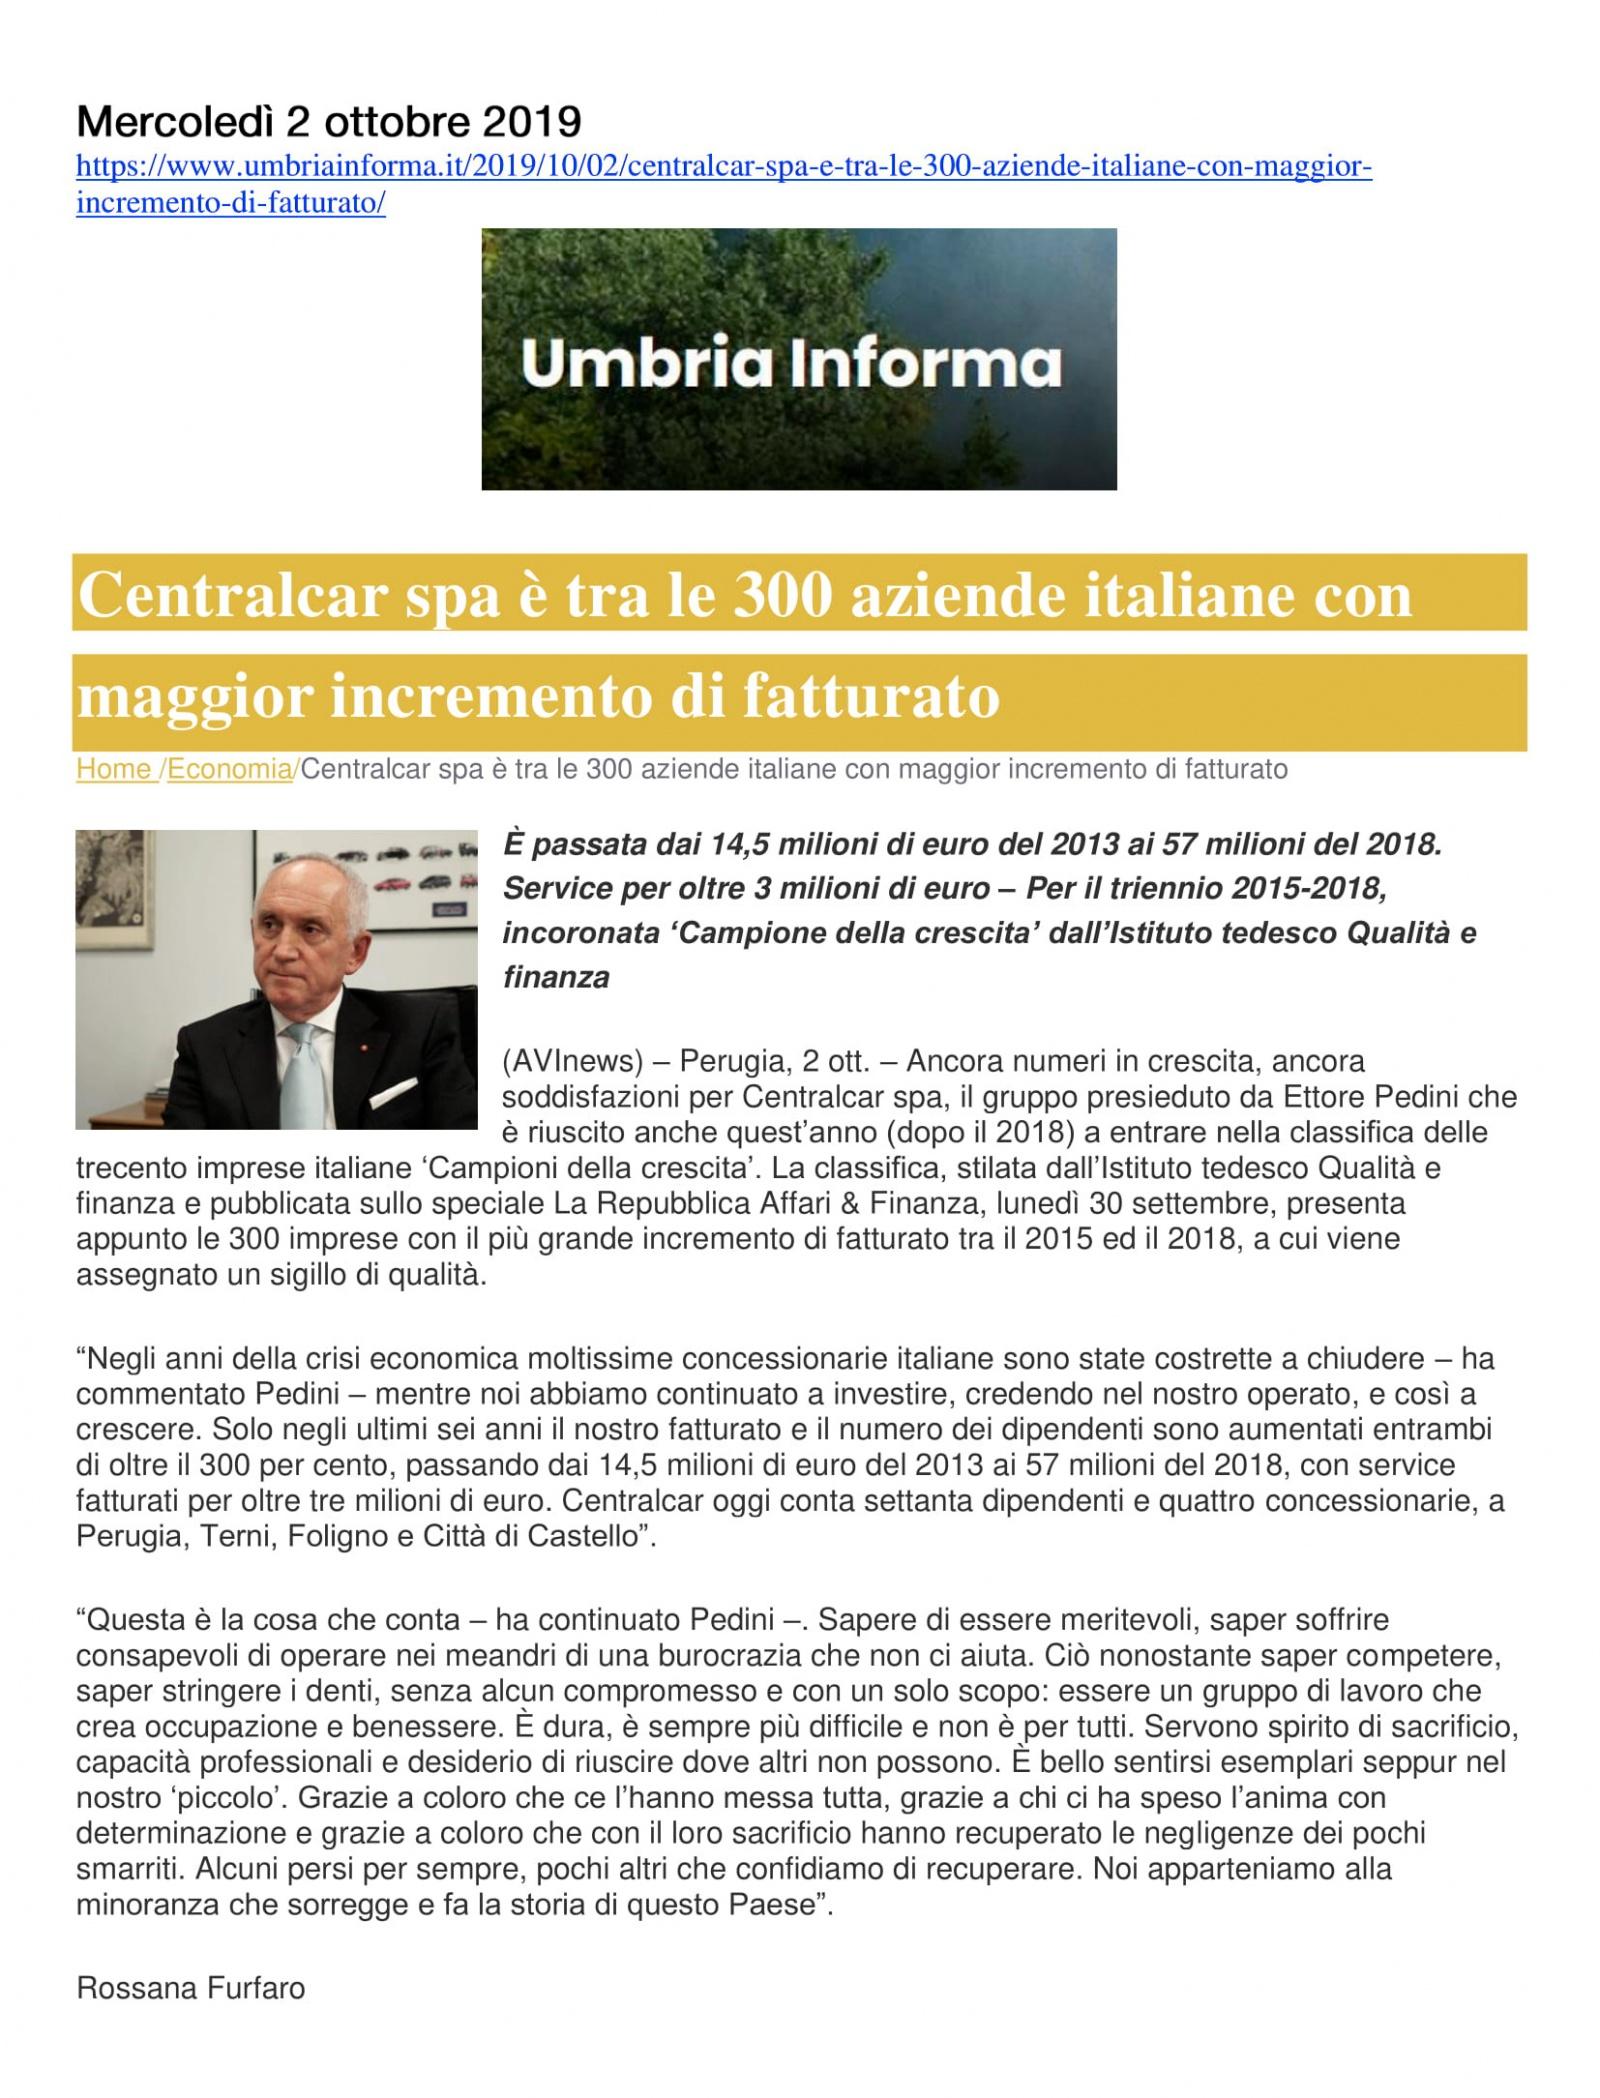 Centralcar spa è tra le 300 aziende italiane con maggior incremento di fatturato